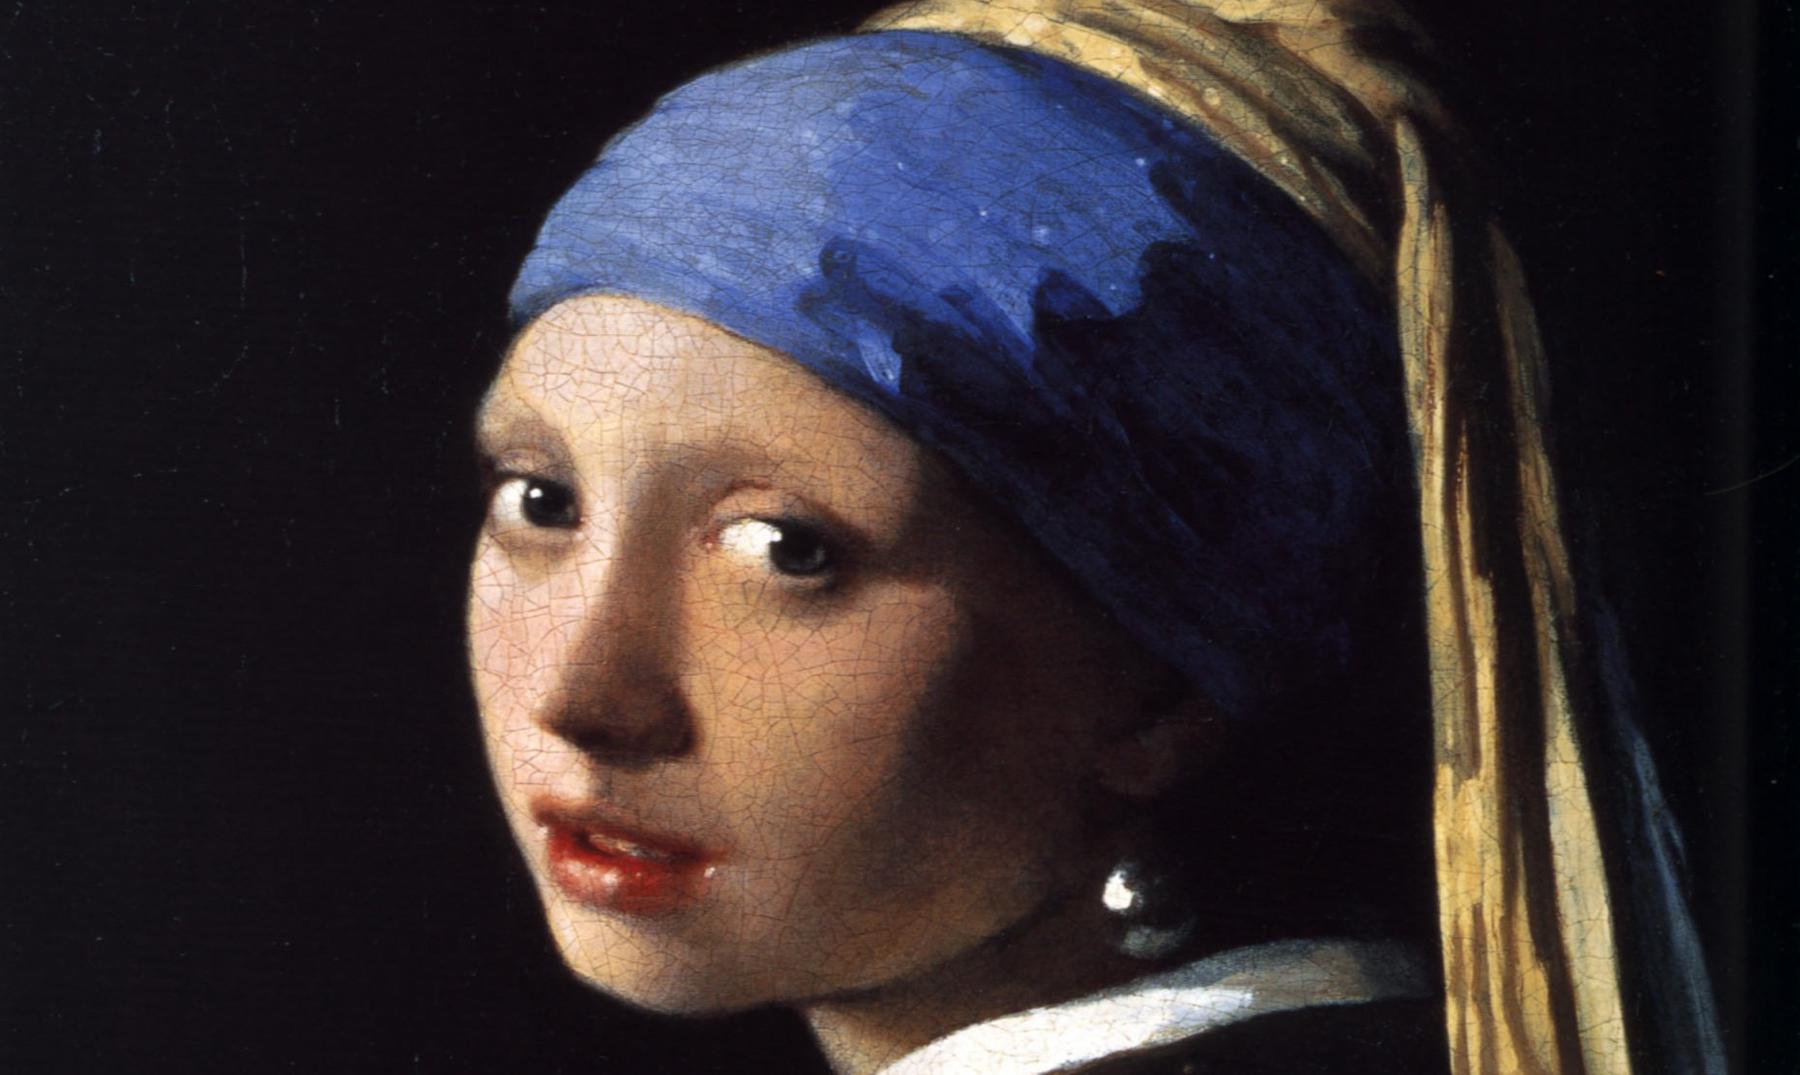 La joven de la perla, un cuadro lleno de secretos